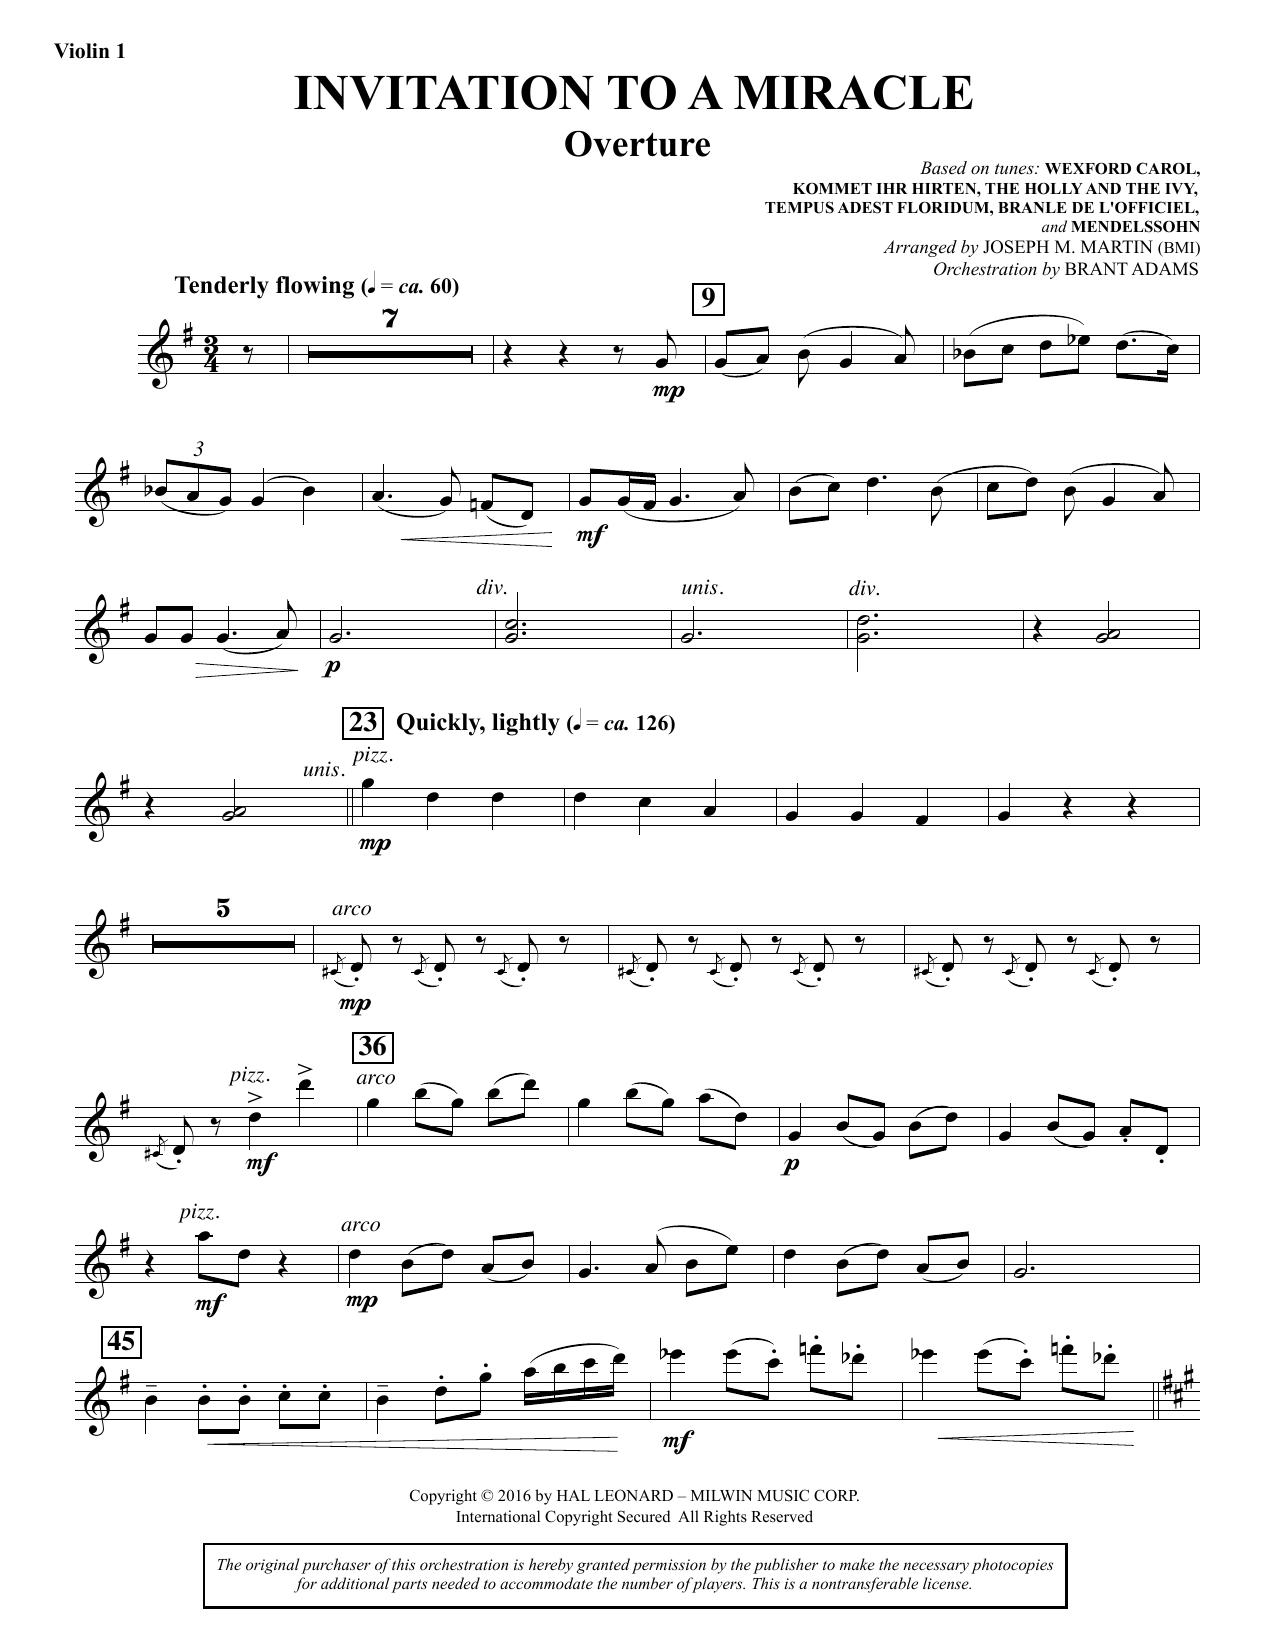 Invitation to a Miracle - Violin 1 Sheet Music